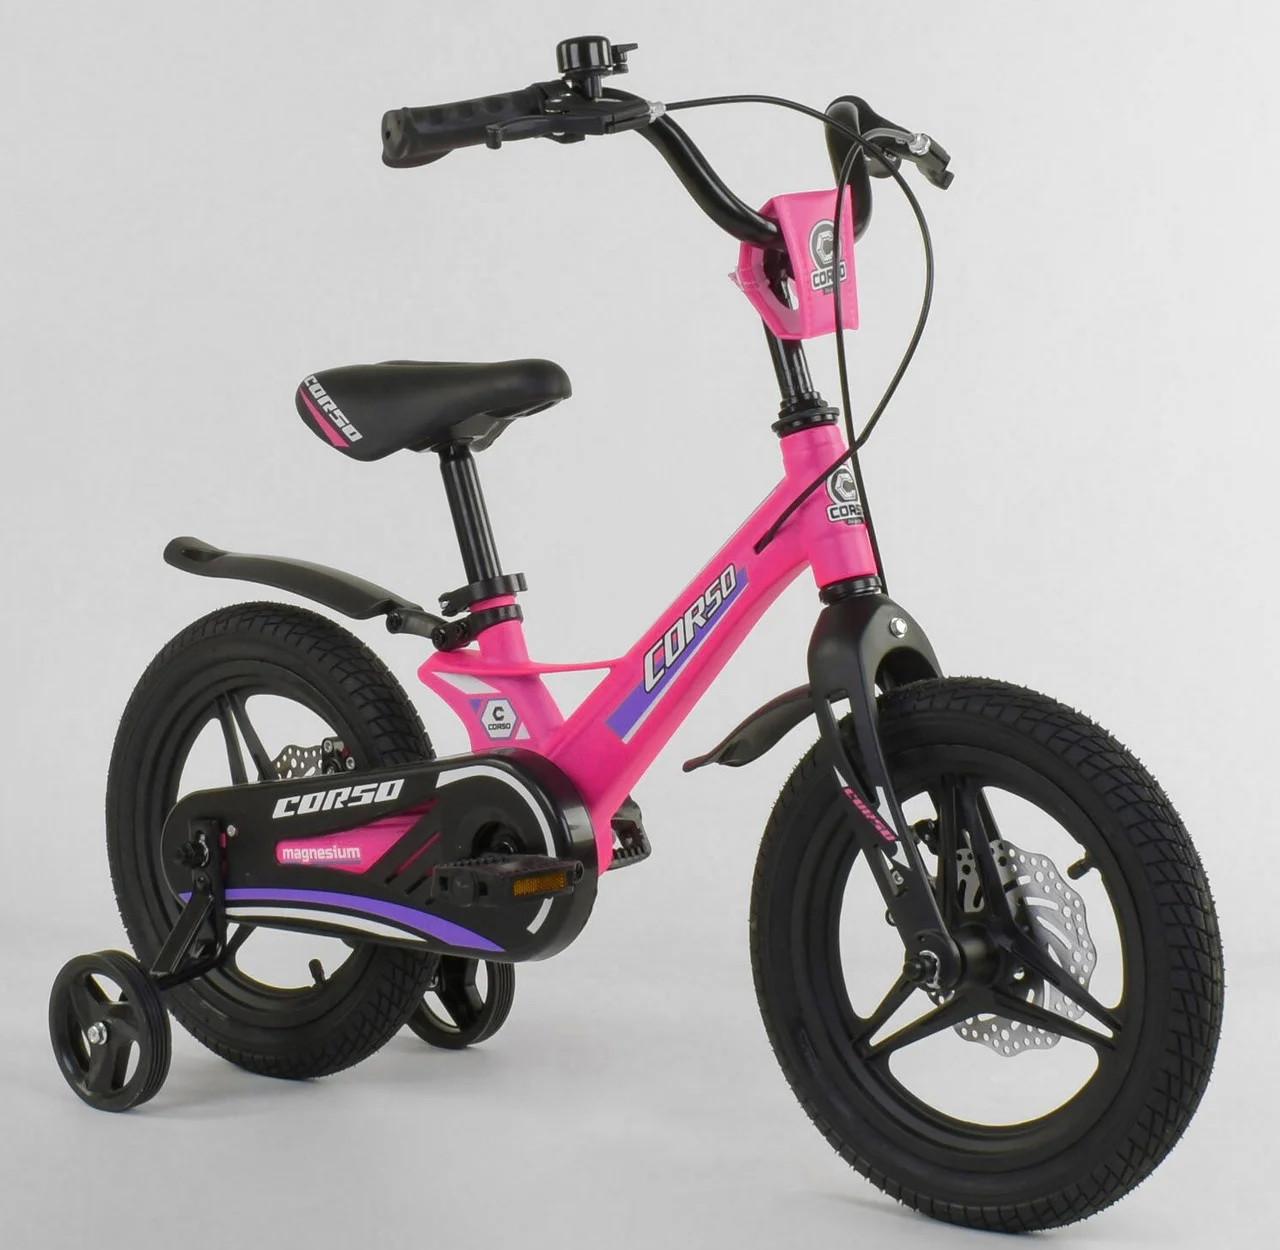 """Детский двухколёсный велосипед 14"""" с магниевой рамой литыми дисками дисковые тормоза Corso MG-16086 розовый"""